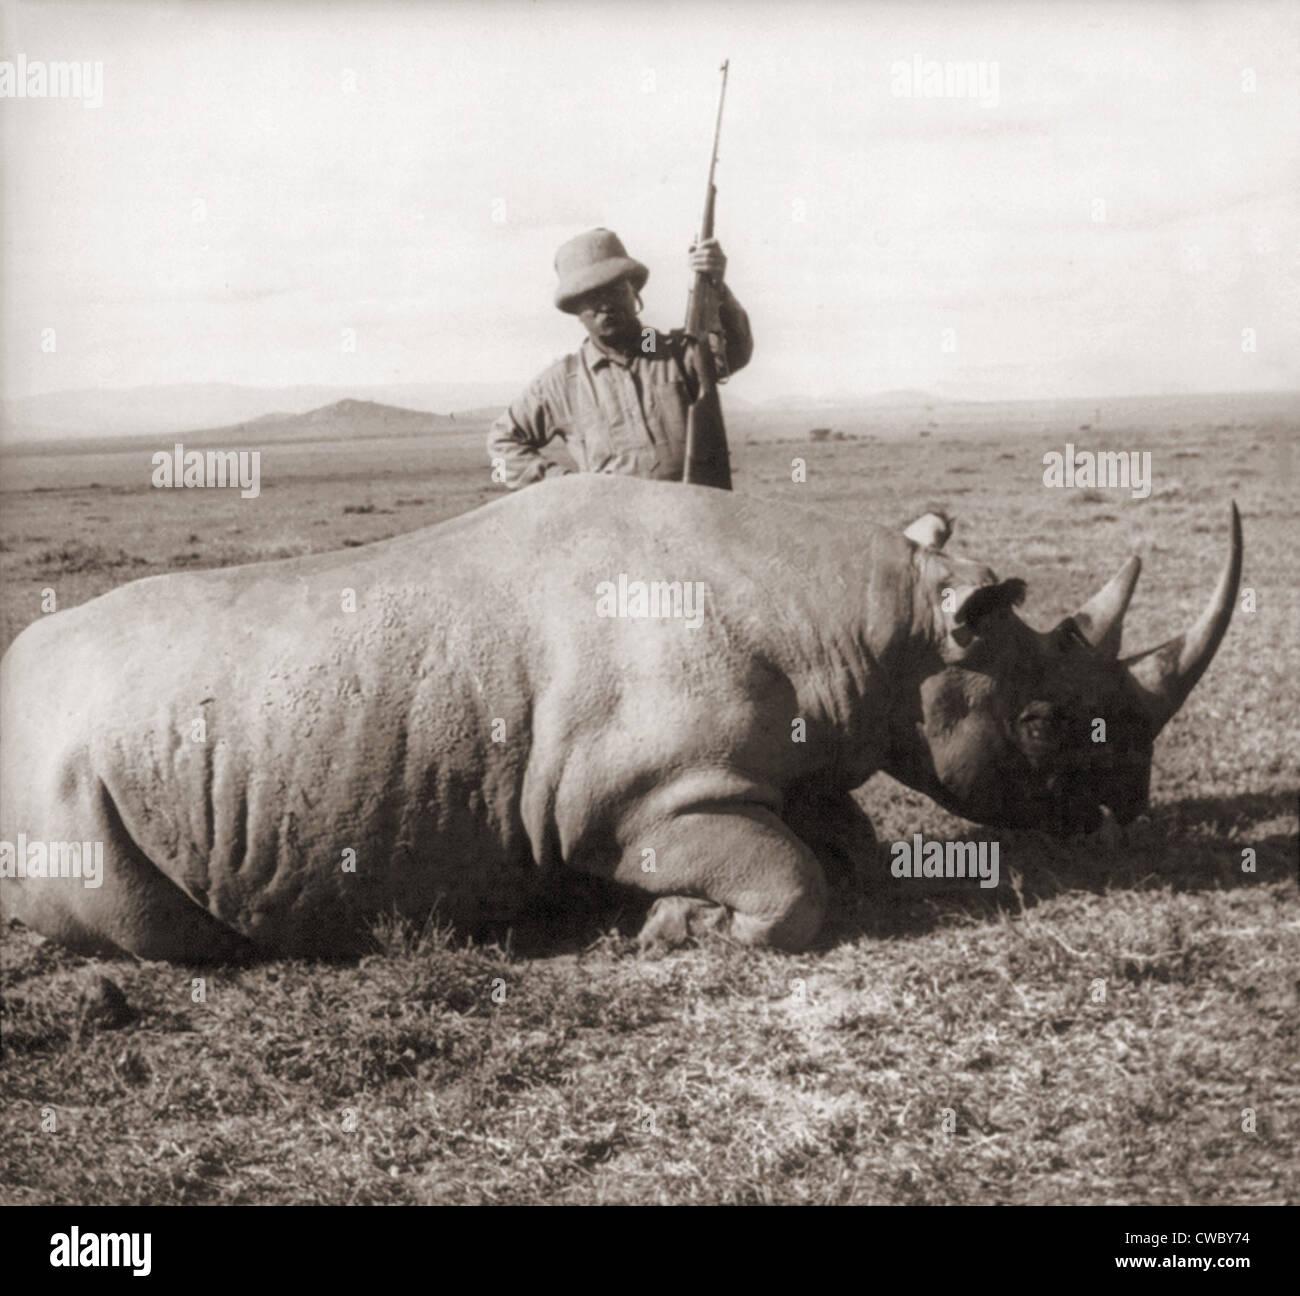 L'ancien président, Theodore Roosevelt, en Afrique debout derrière dead rhino et holding rifle ca. Photo Stock